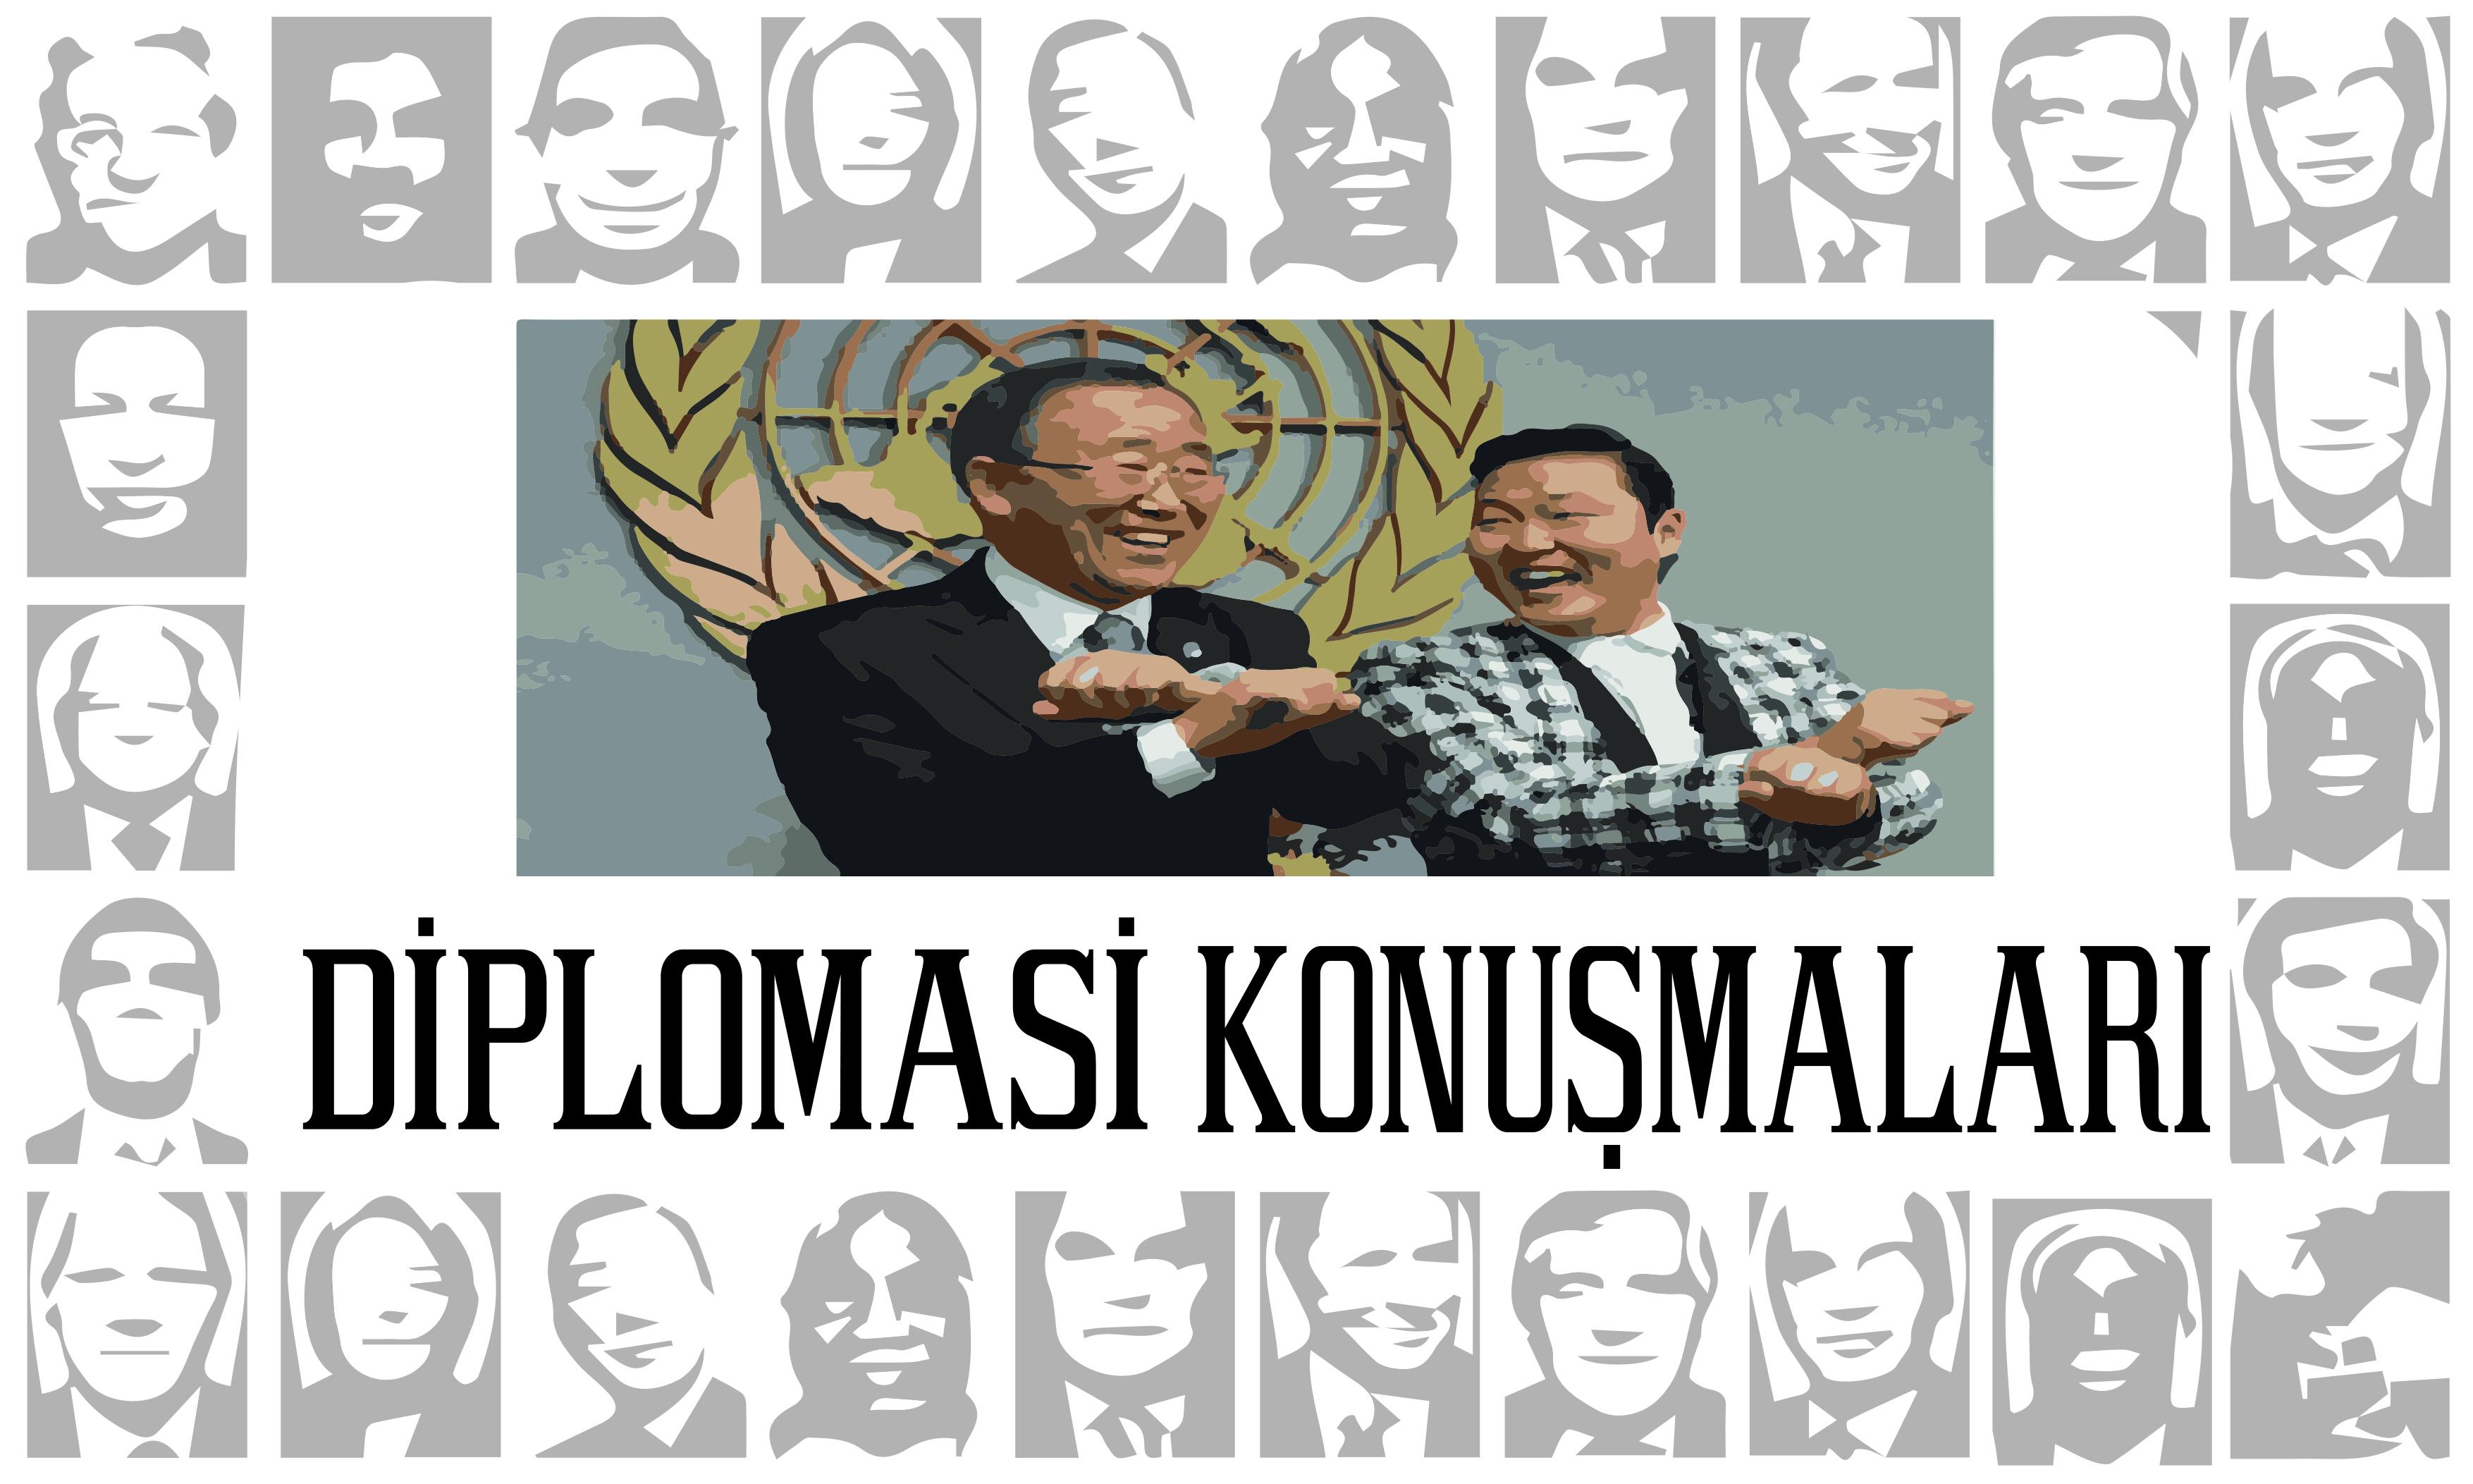 Diplomasi Konuşmaları